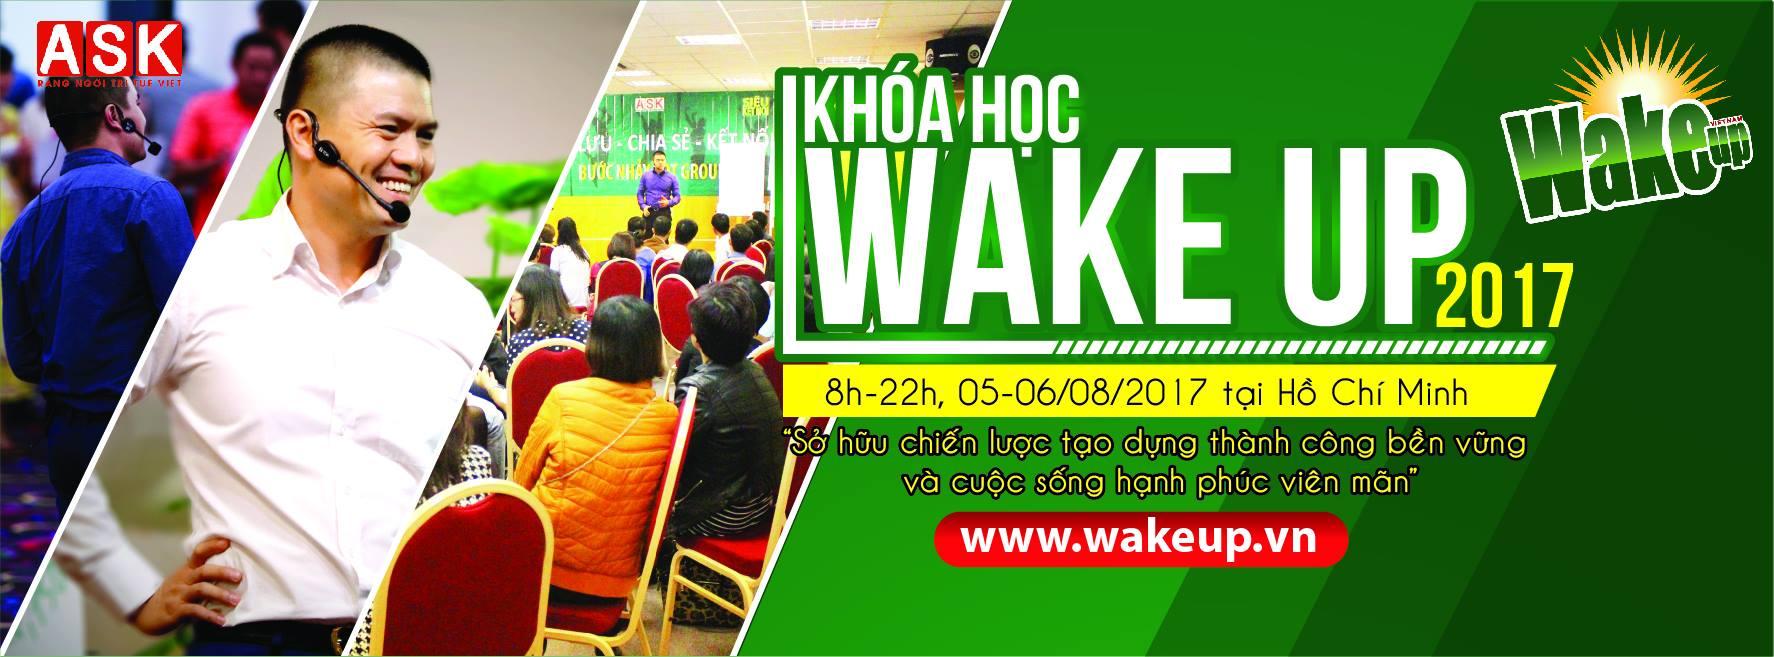 wake-up-31